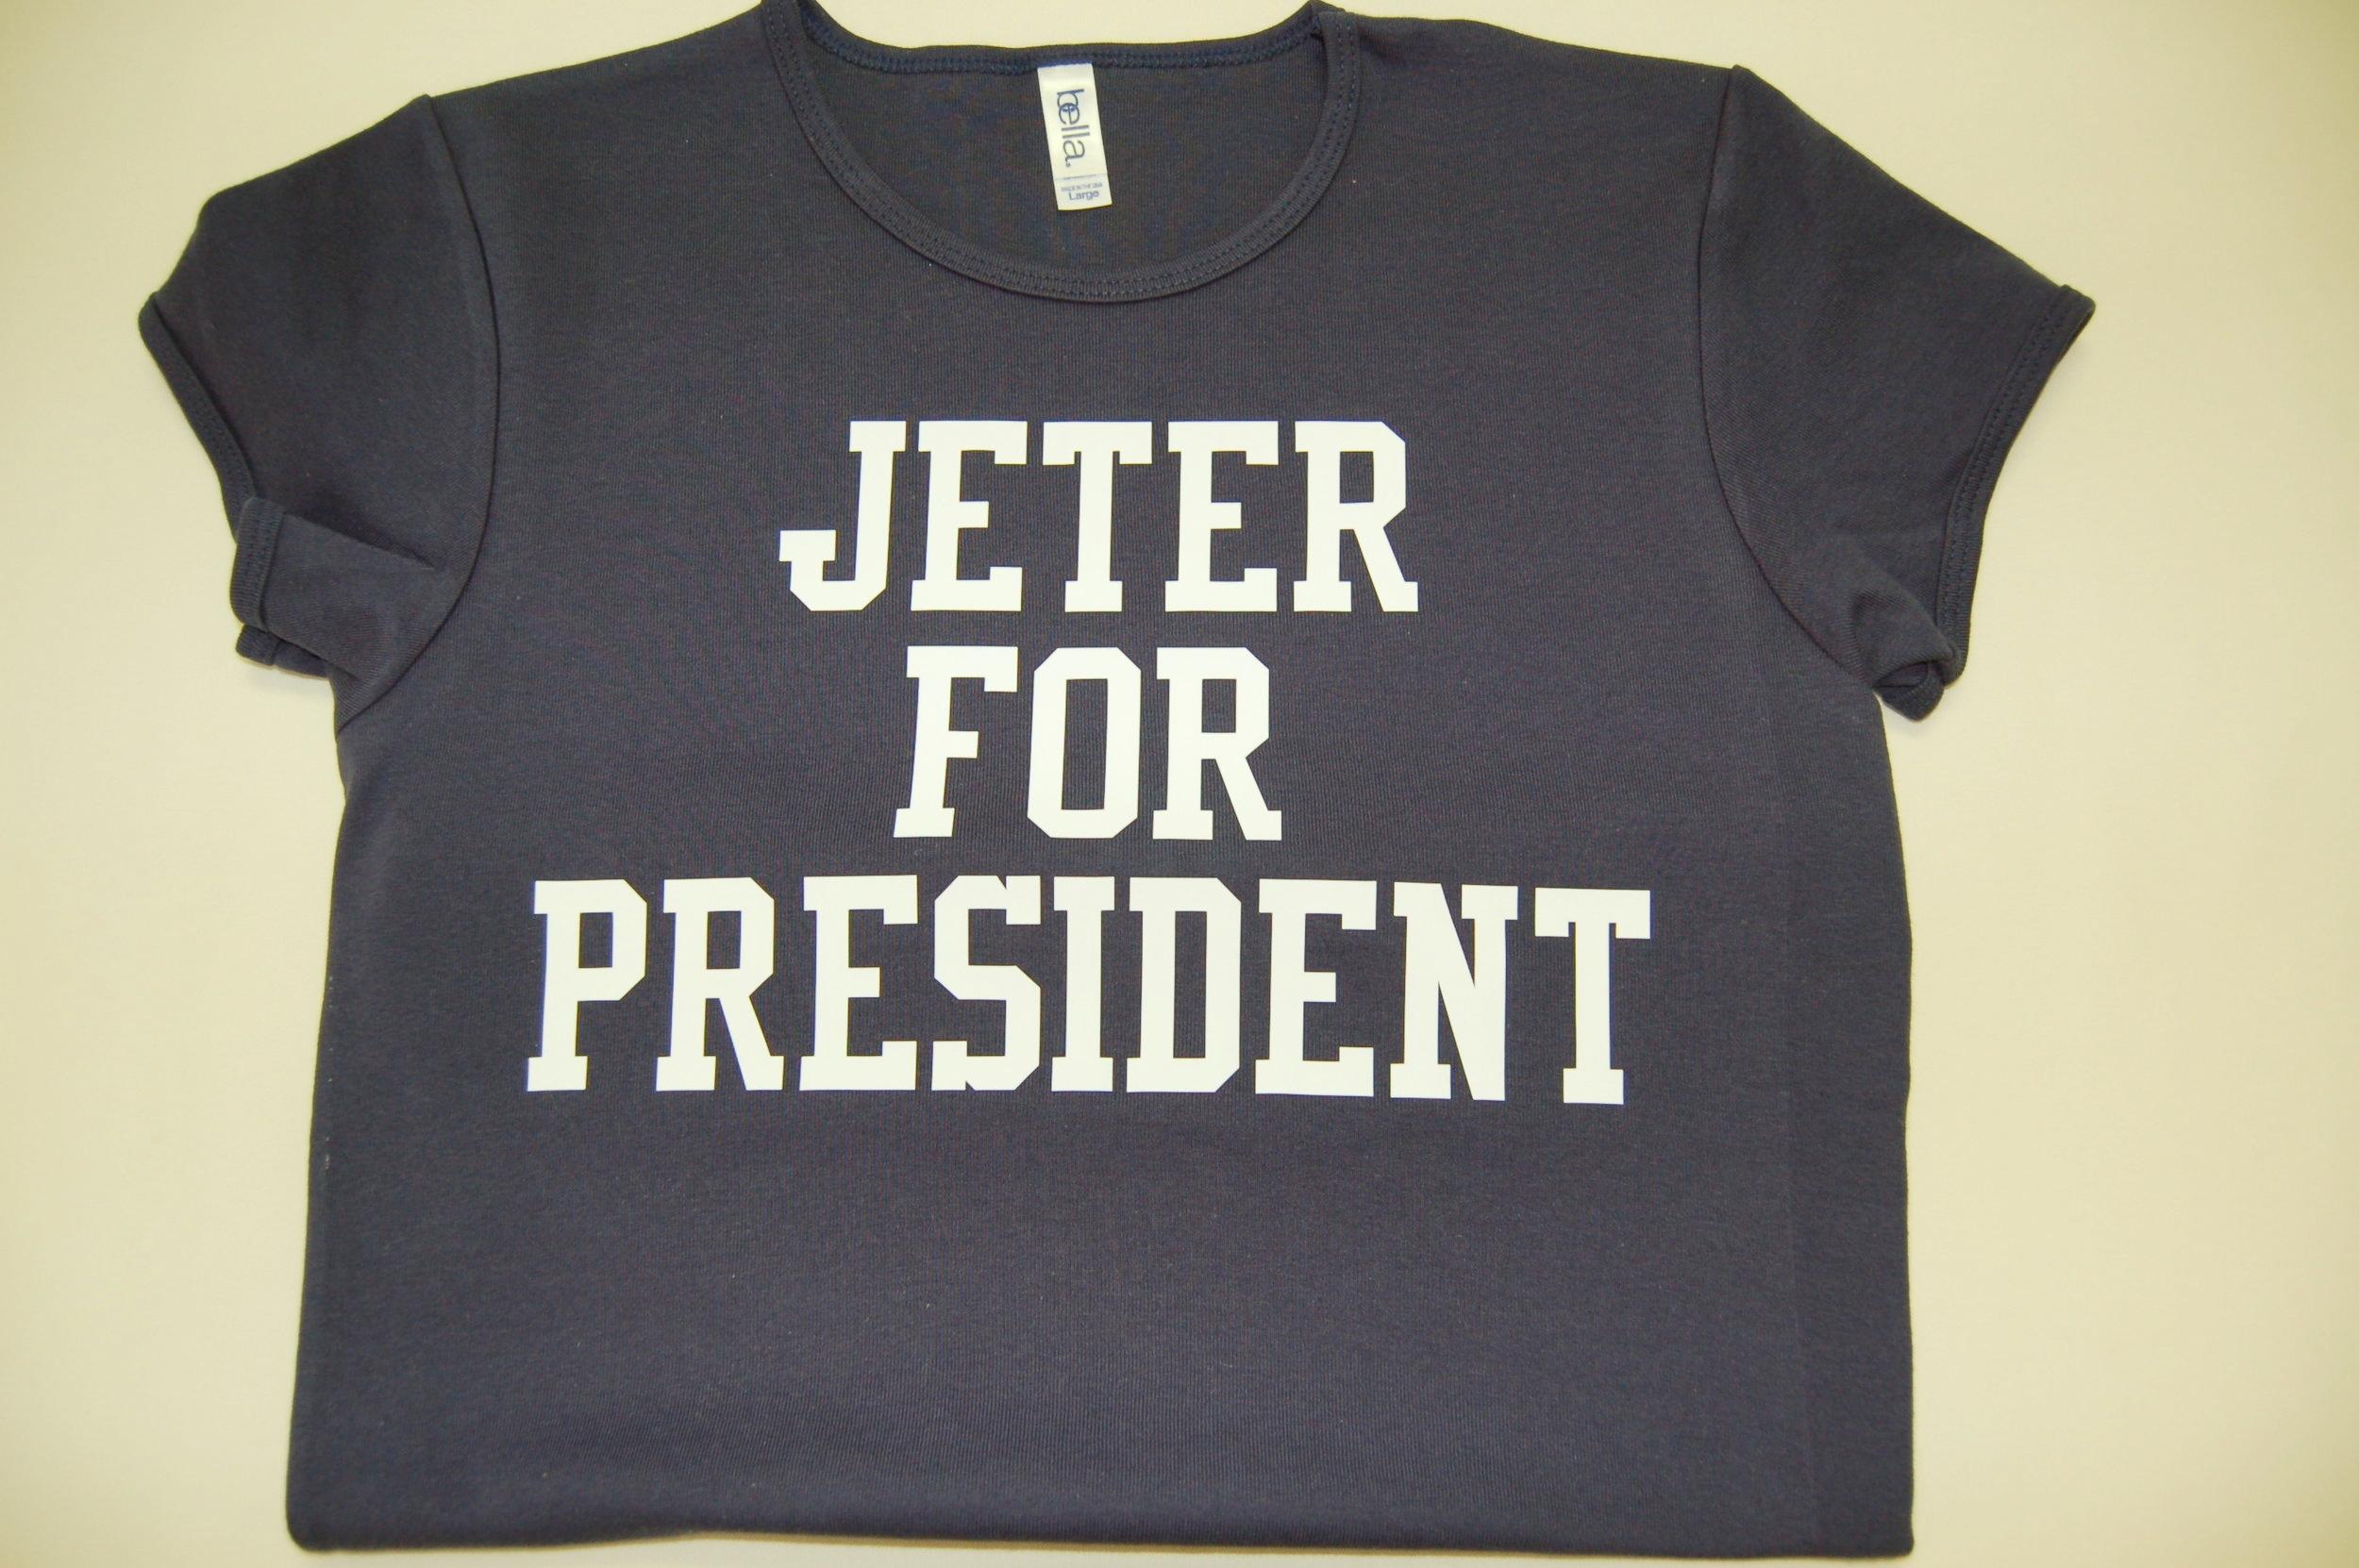 Jeter For President.JPG